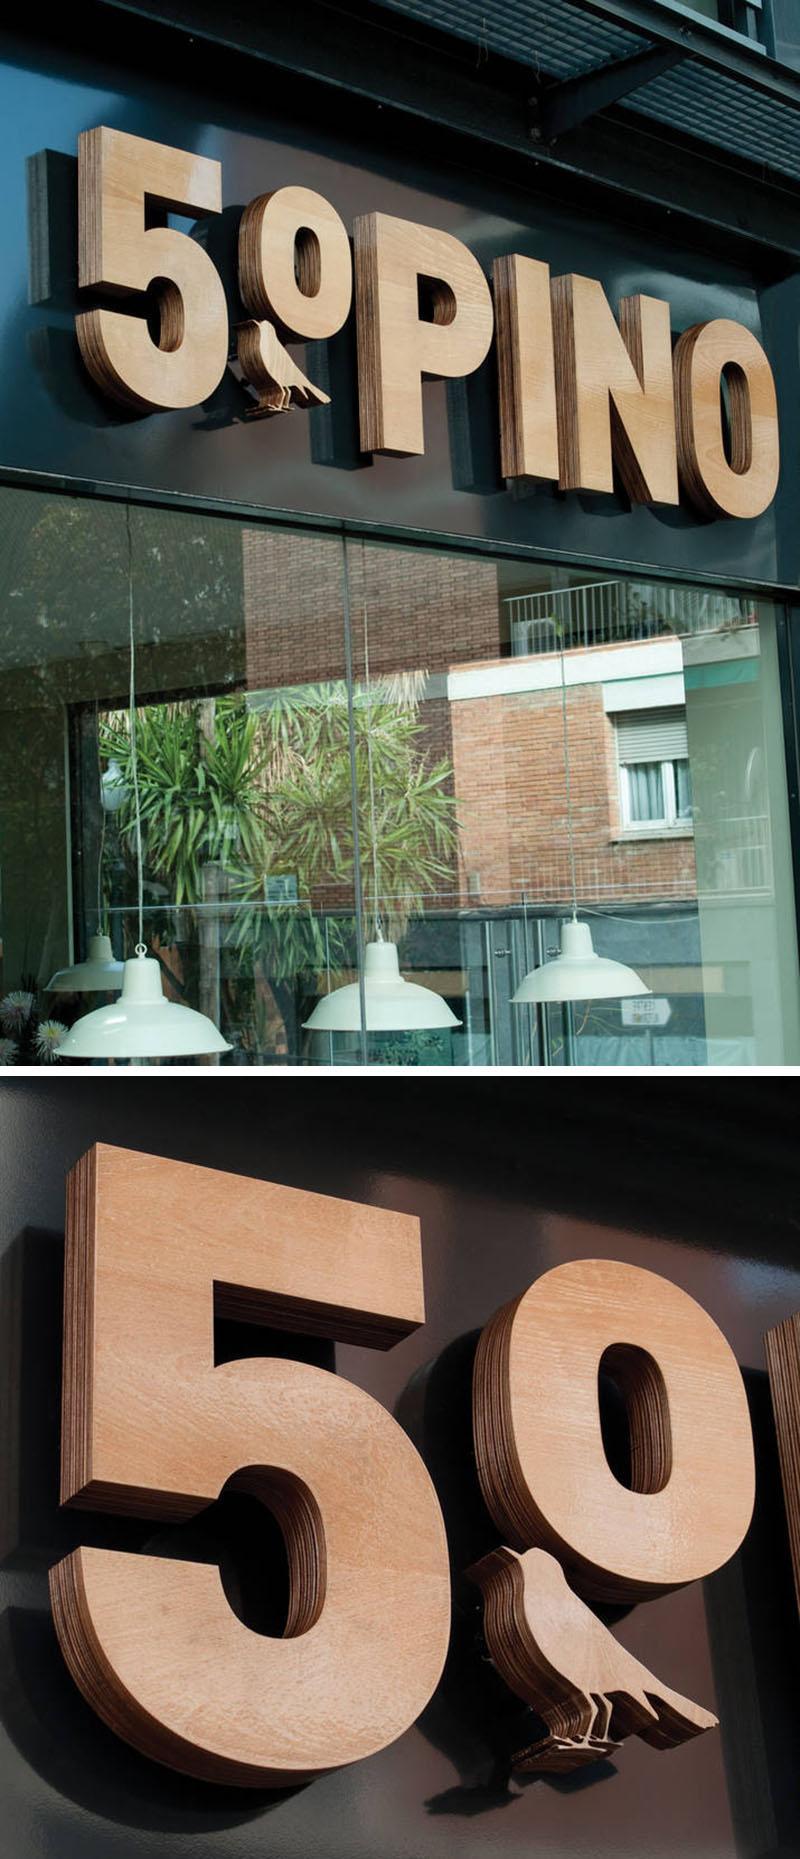 Ресторант - Няколко пласта дърво са нарязани и слепени един върху друг, за да създадат един солиден дървен 3D знак, обозначаващ името на ресторанта.